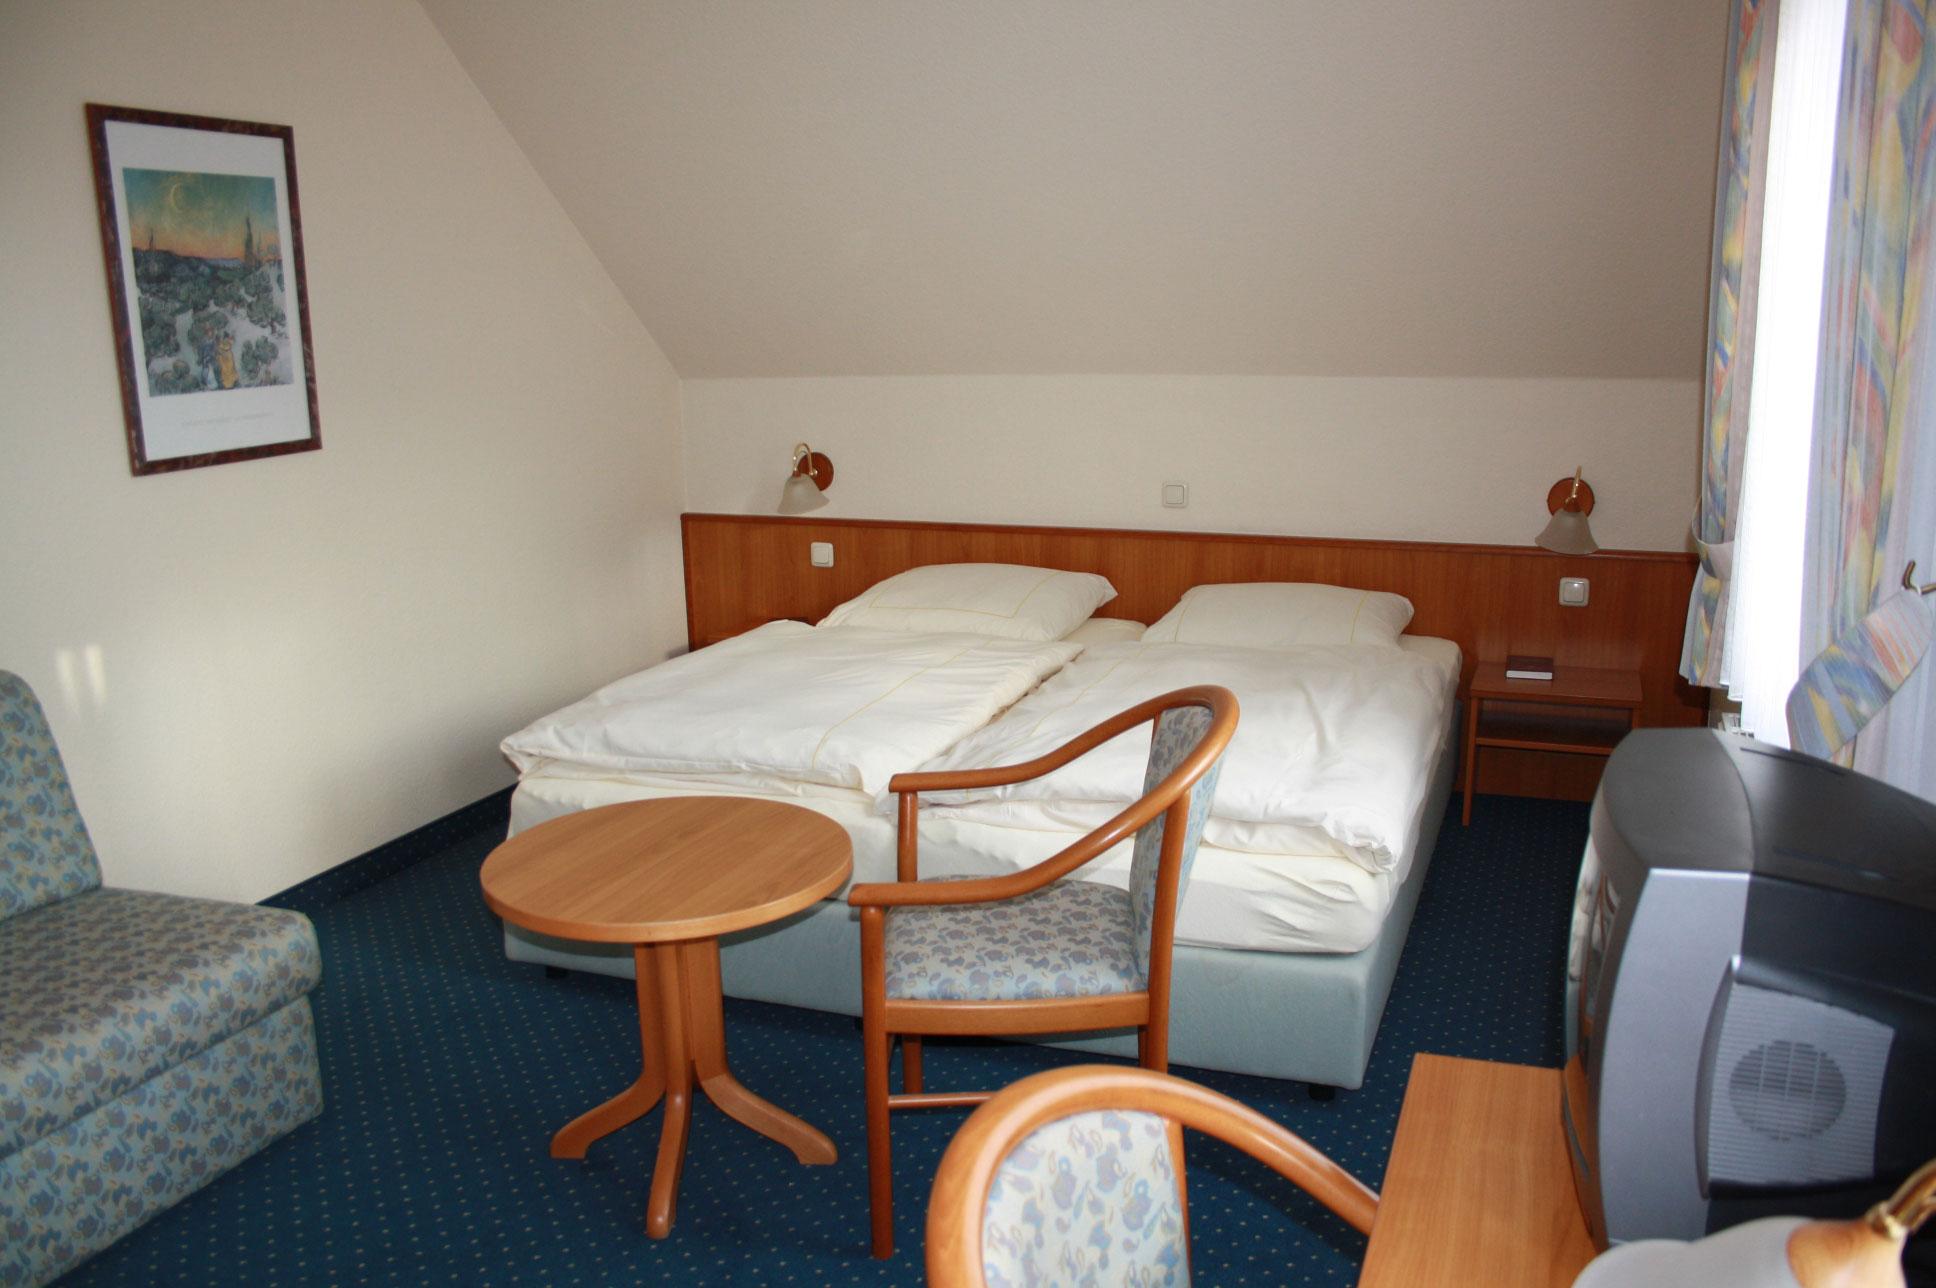 Hotel-zur-Waage-Intro-06